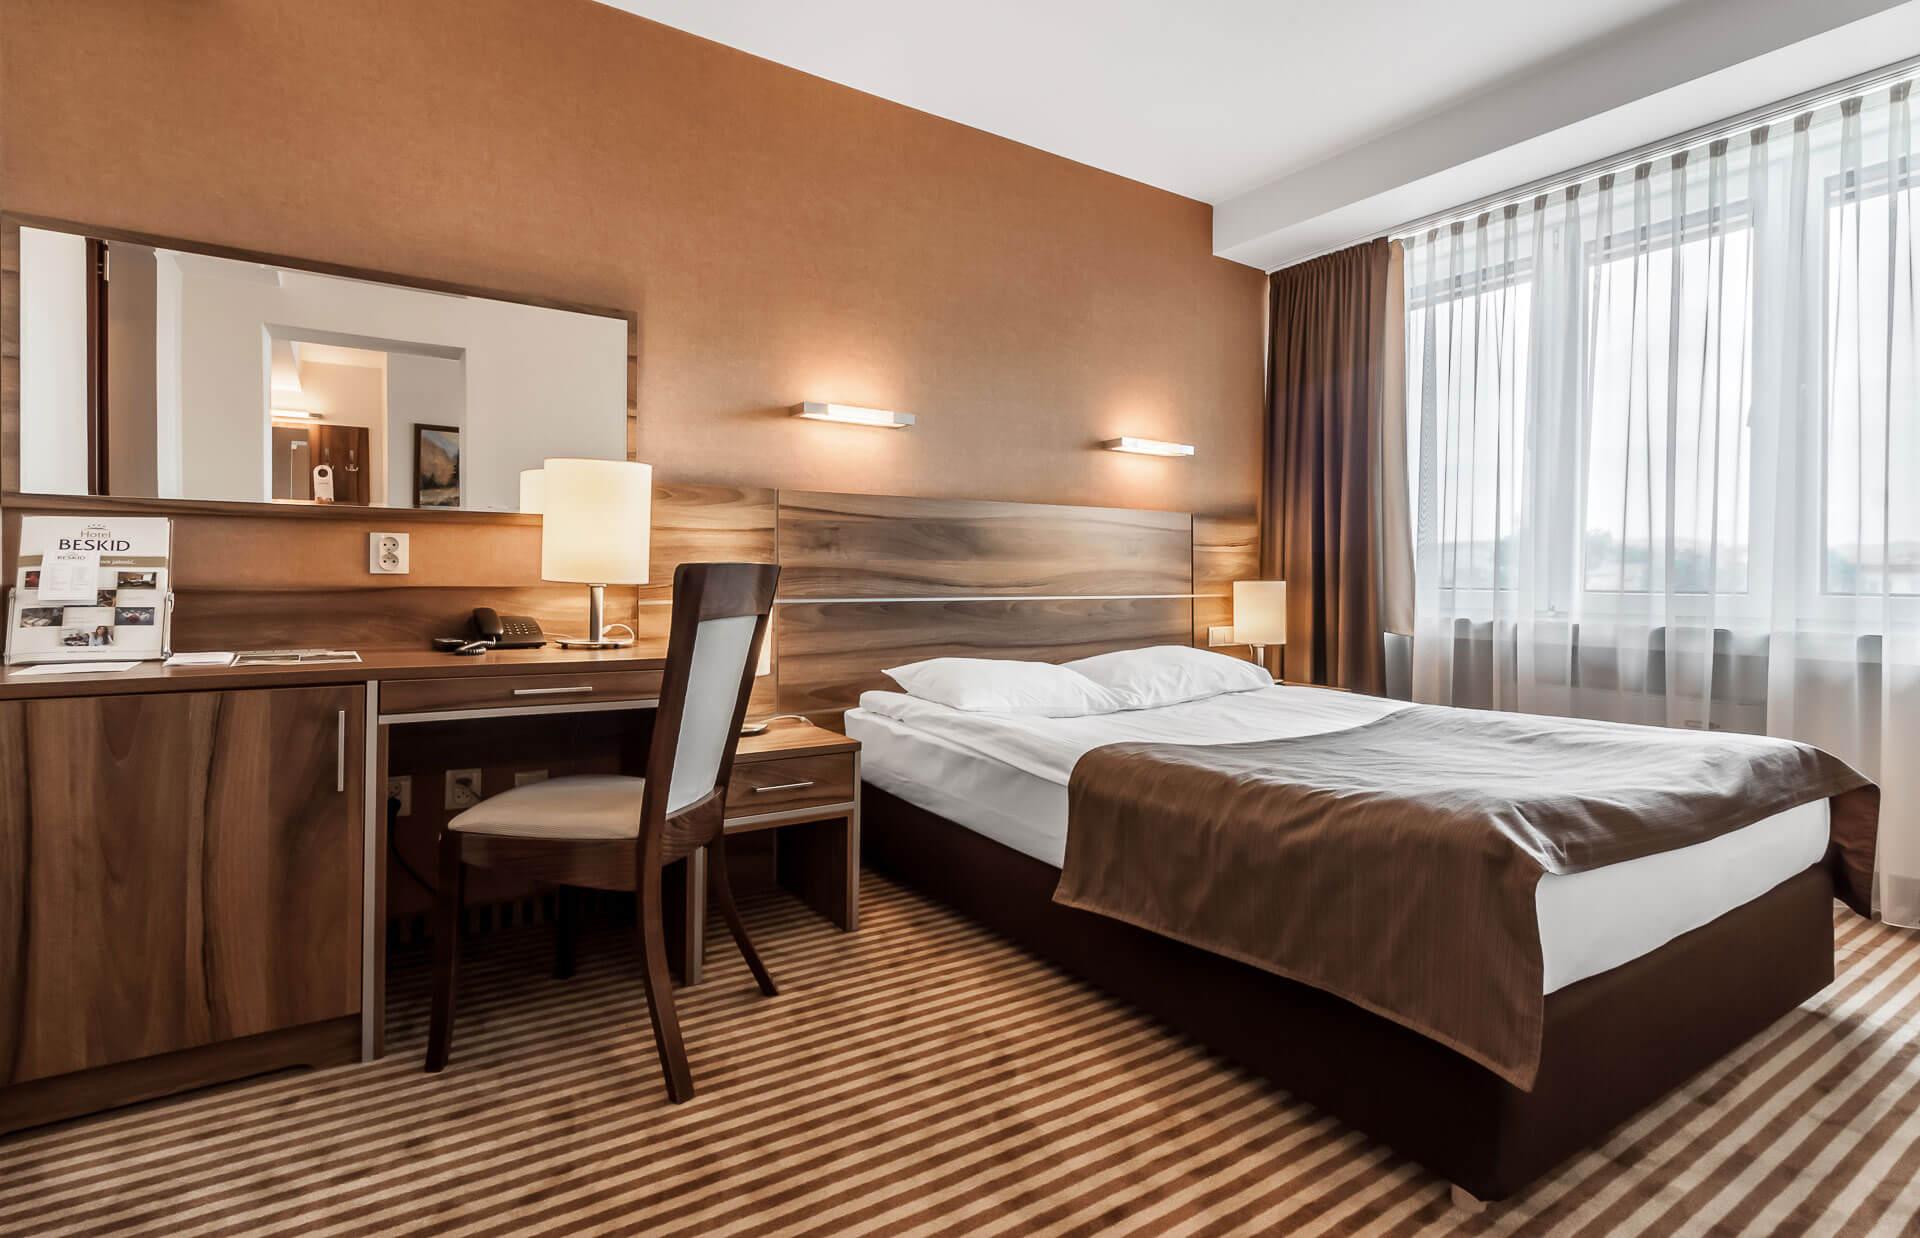 Zdjęcie - Pokój dwuosobowy - Hotel Beskid****